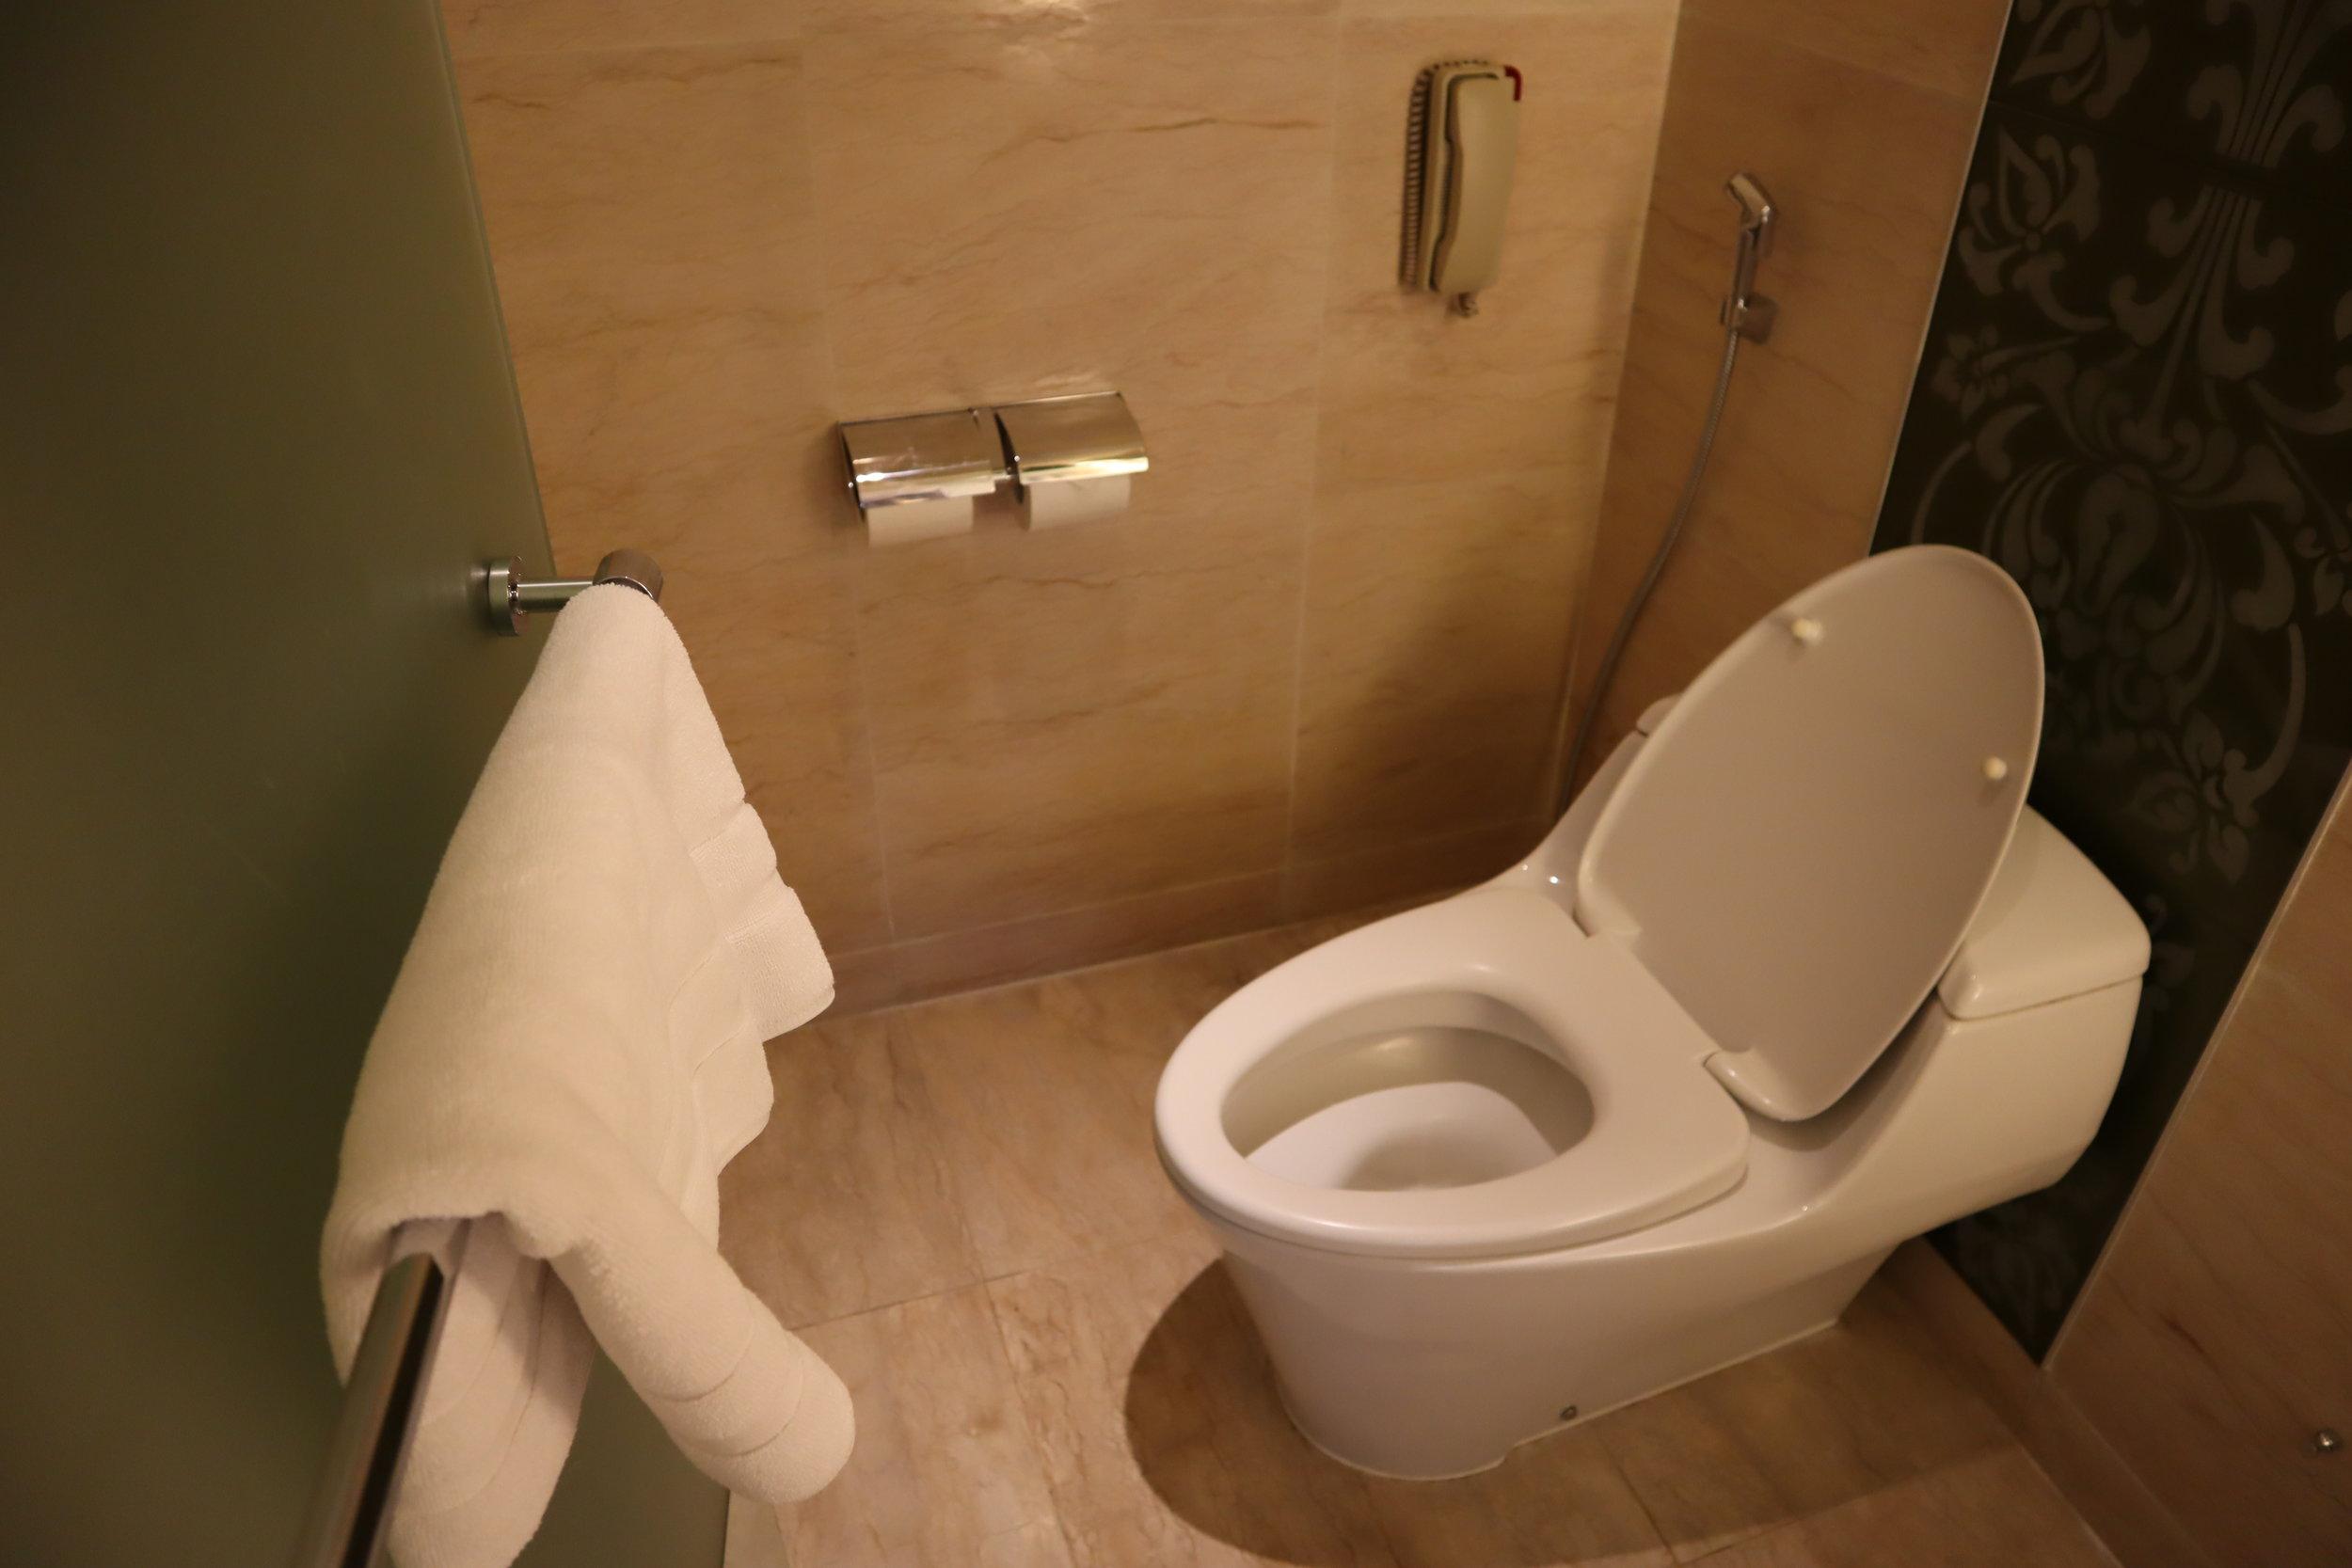 St. Regis Bali – St. Regis Pool Suite toilet